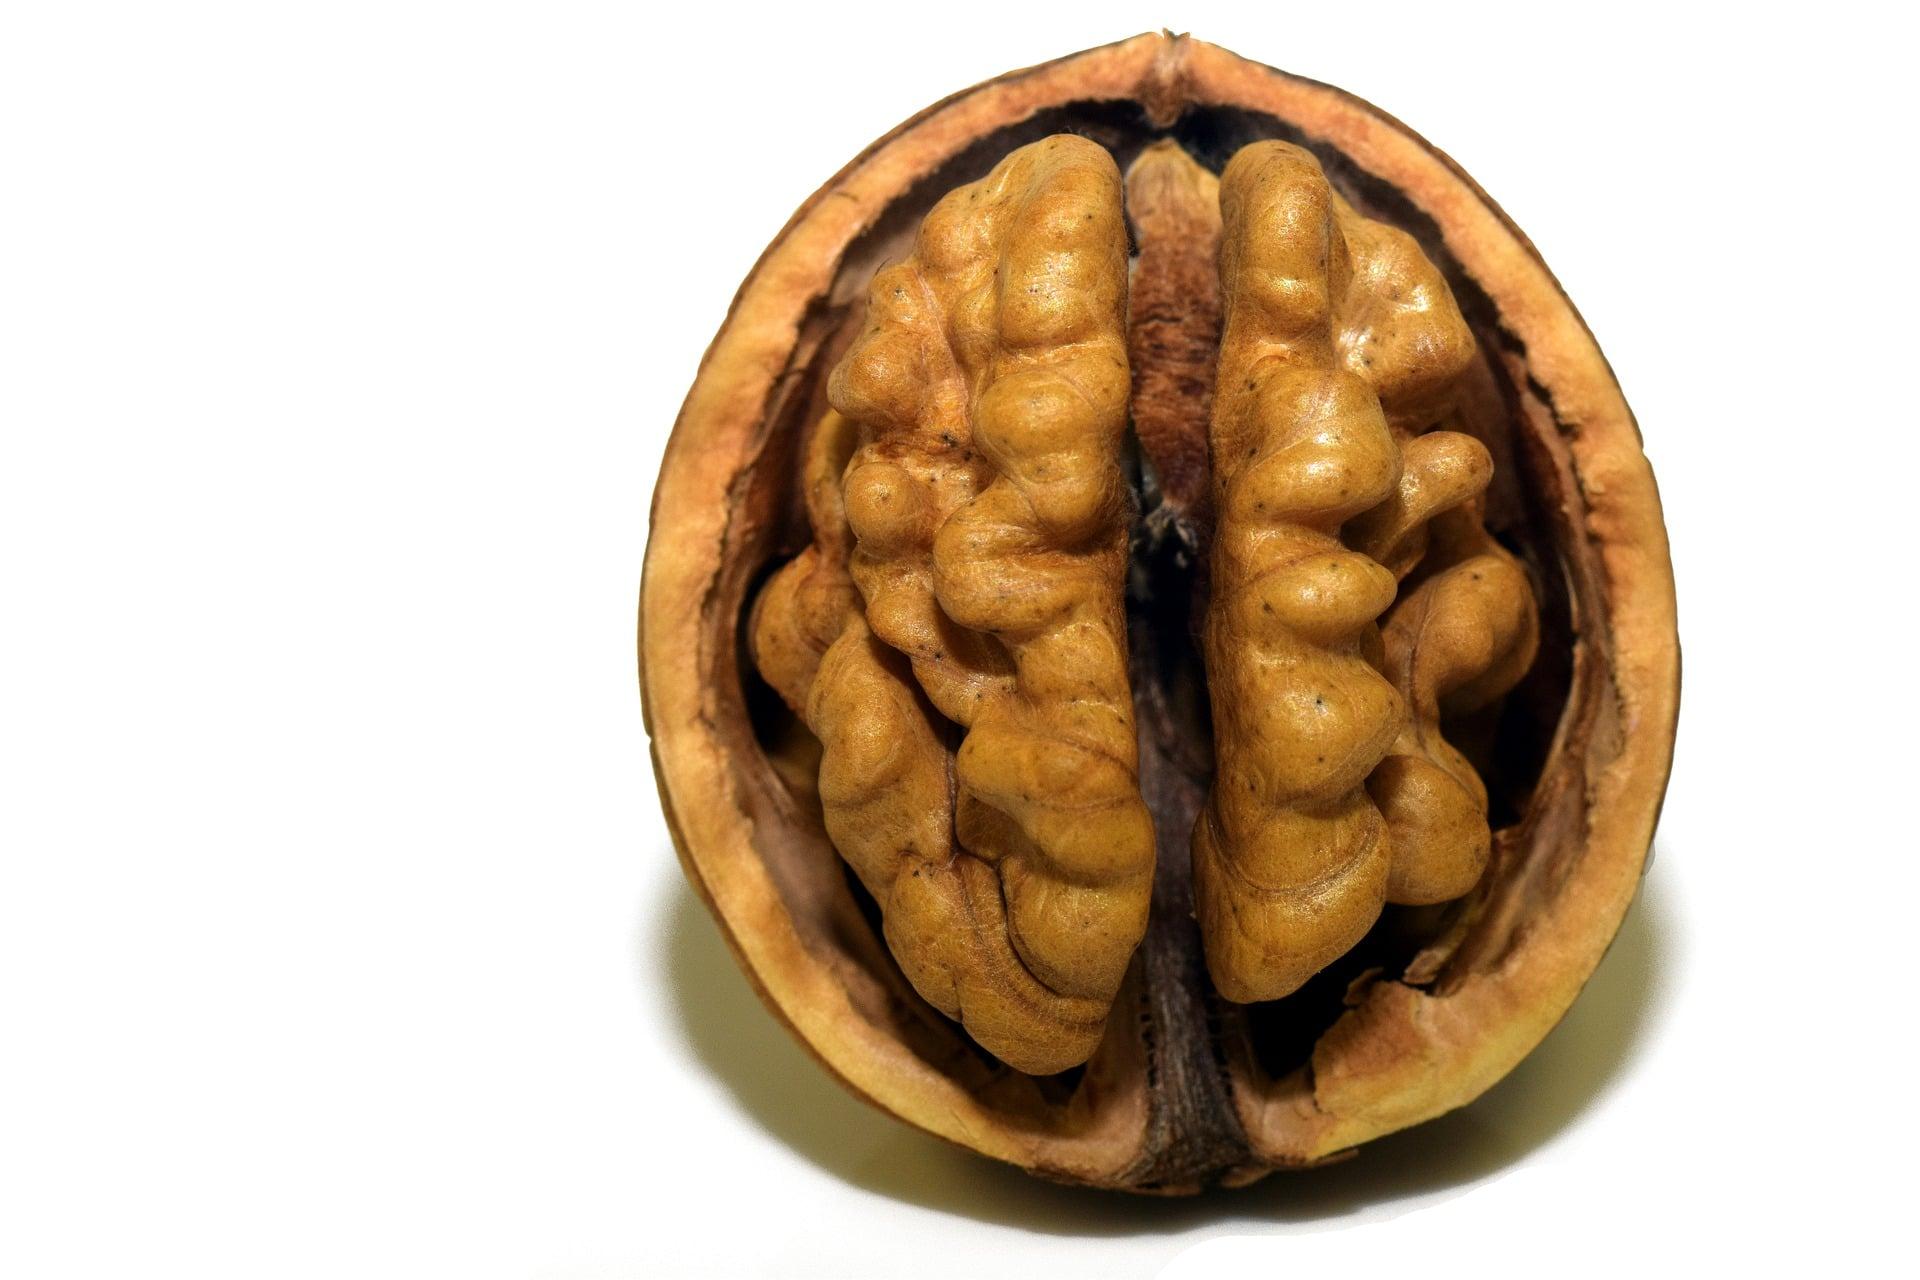 Jádro vlašského ořechu vypadá jako lidský mozek / foto: pixabay.com